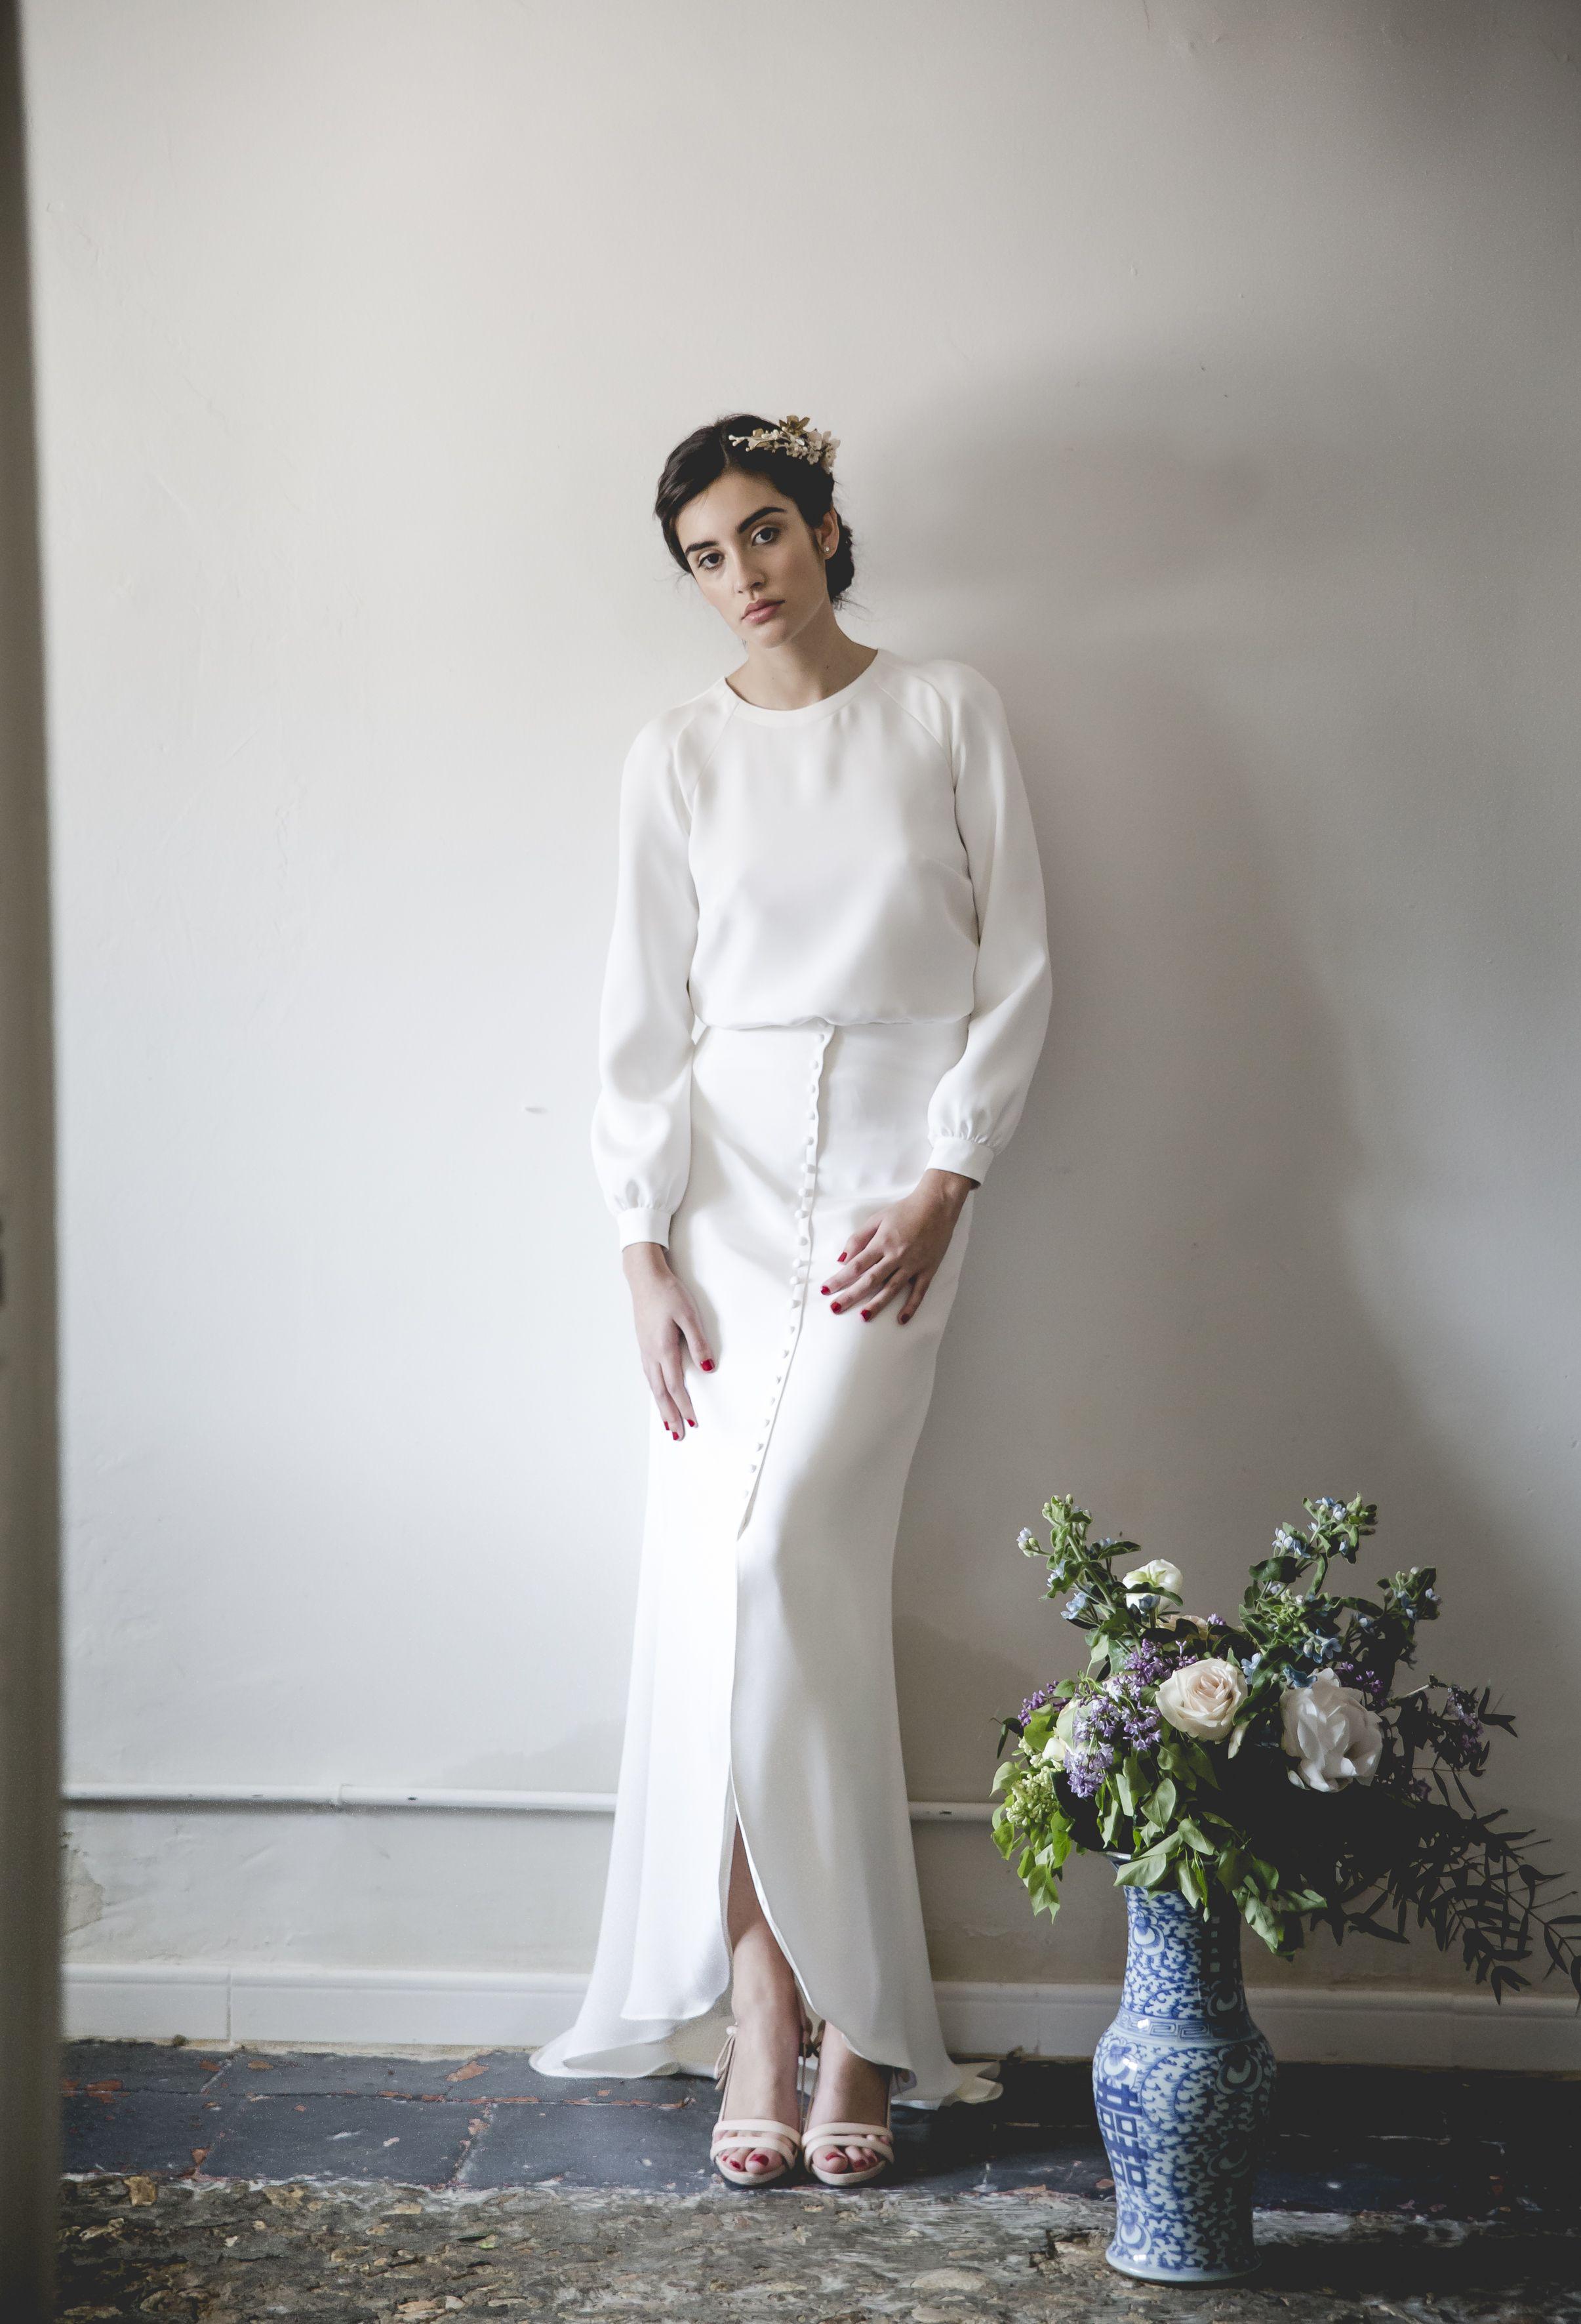 Wallis simpson wedding dress  Mélancolieu de Alejandra Svarc vestidos de novia románticos y